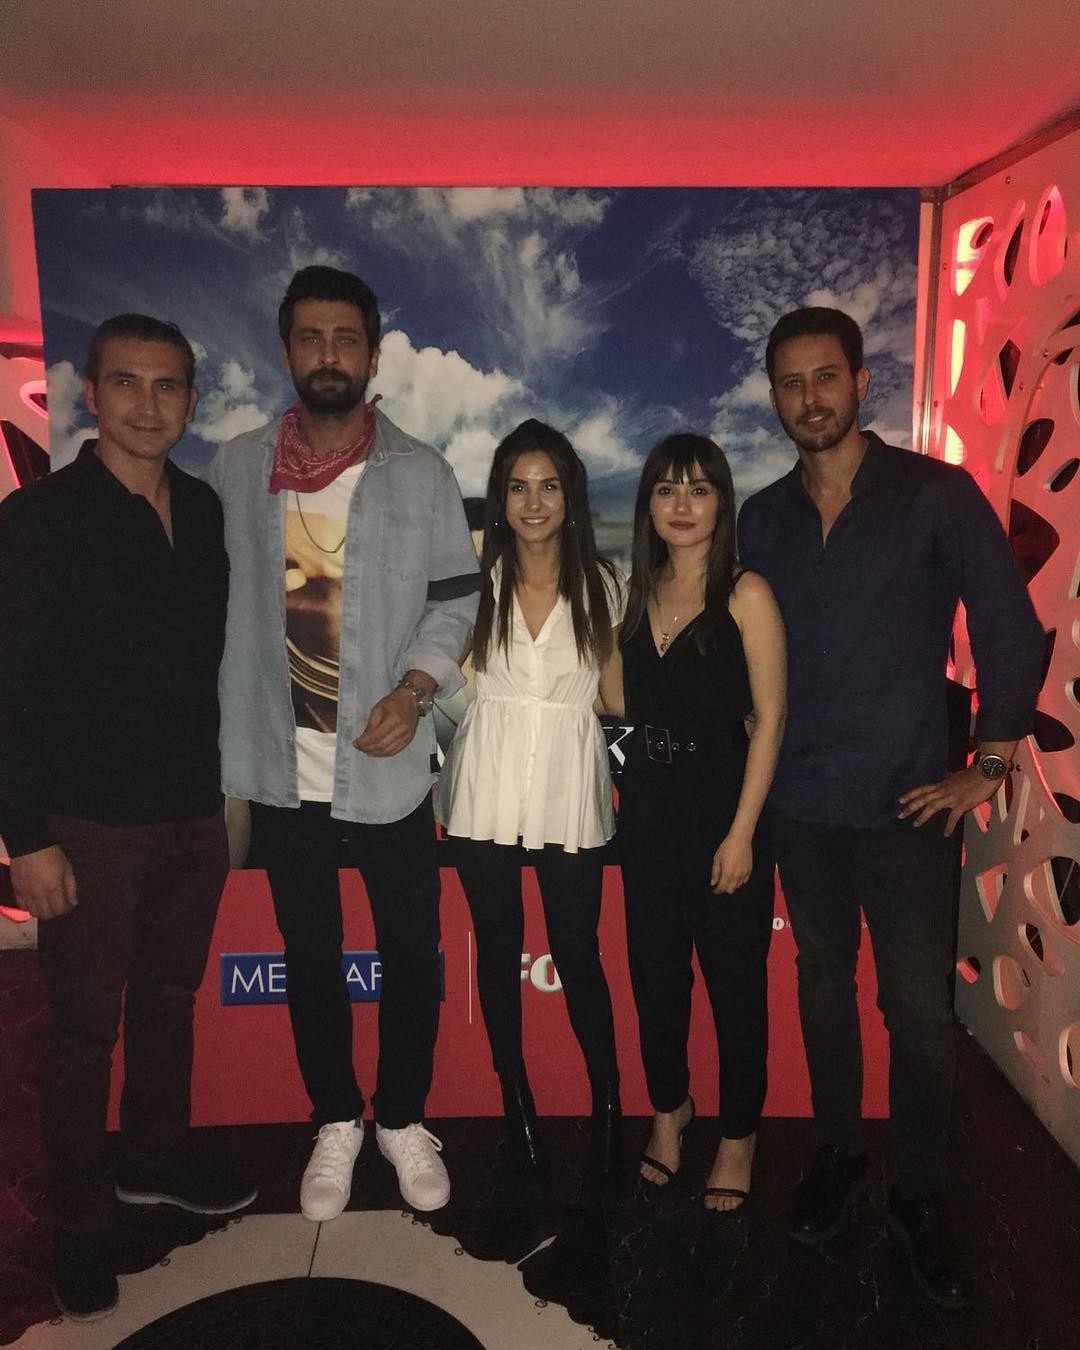 Tuan Tunali, Sevda Erginci, Onur Tuna, Mehmet Pamukcu, and Aysegül Çinar at an event for Yasak Elma (2018)